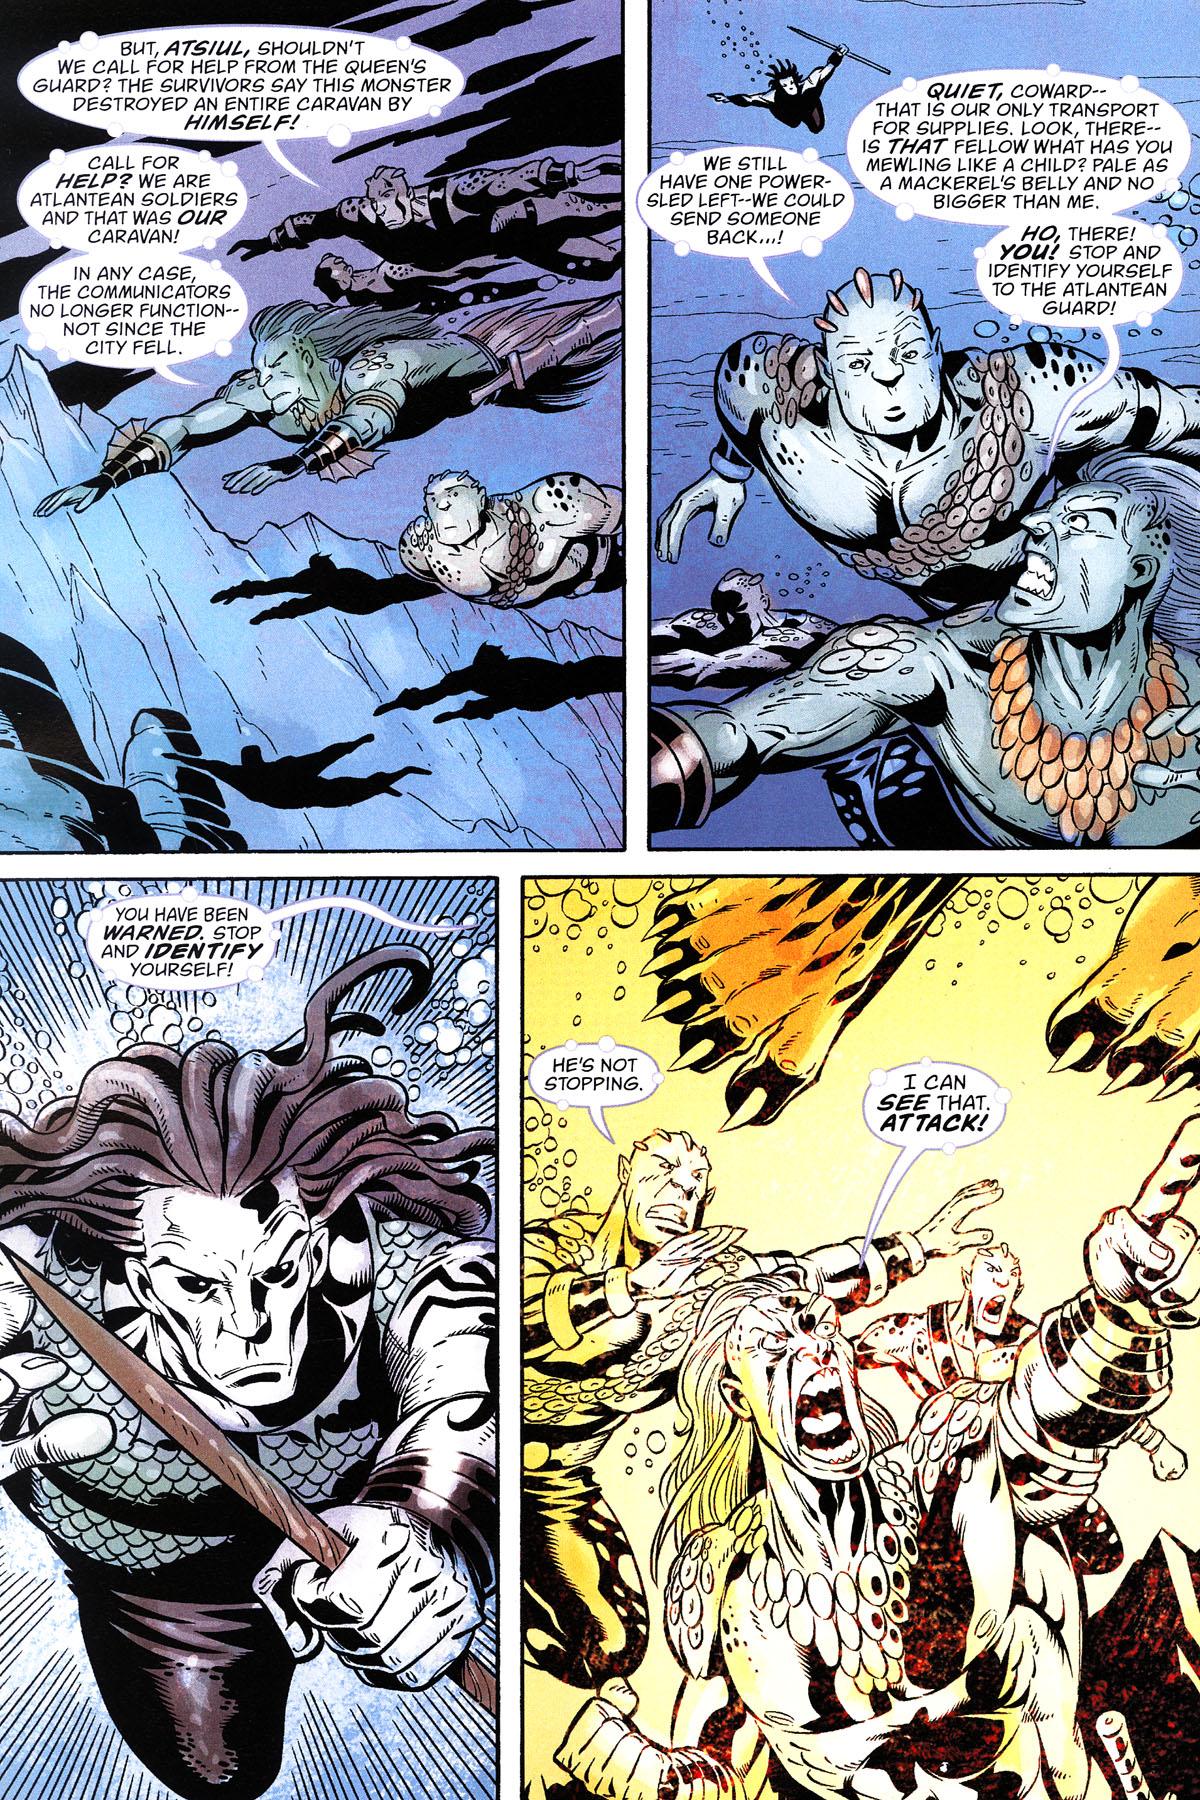 Read online Aquaman: Sword of Atlantis comic -  Issue #50 - 20